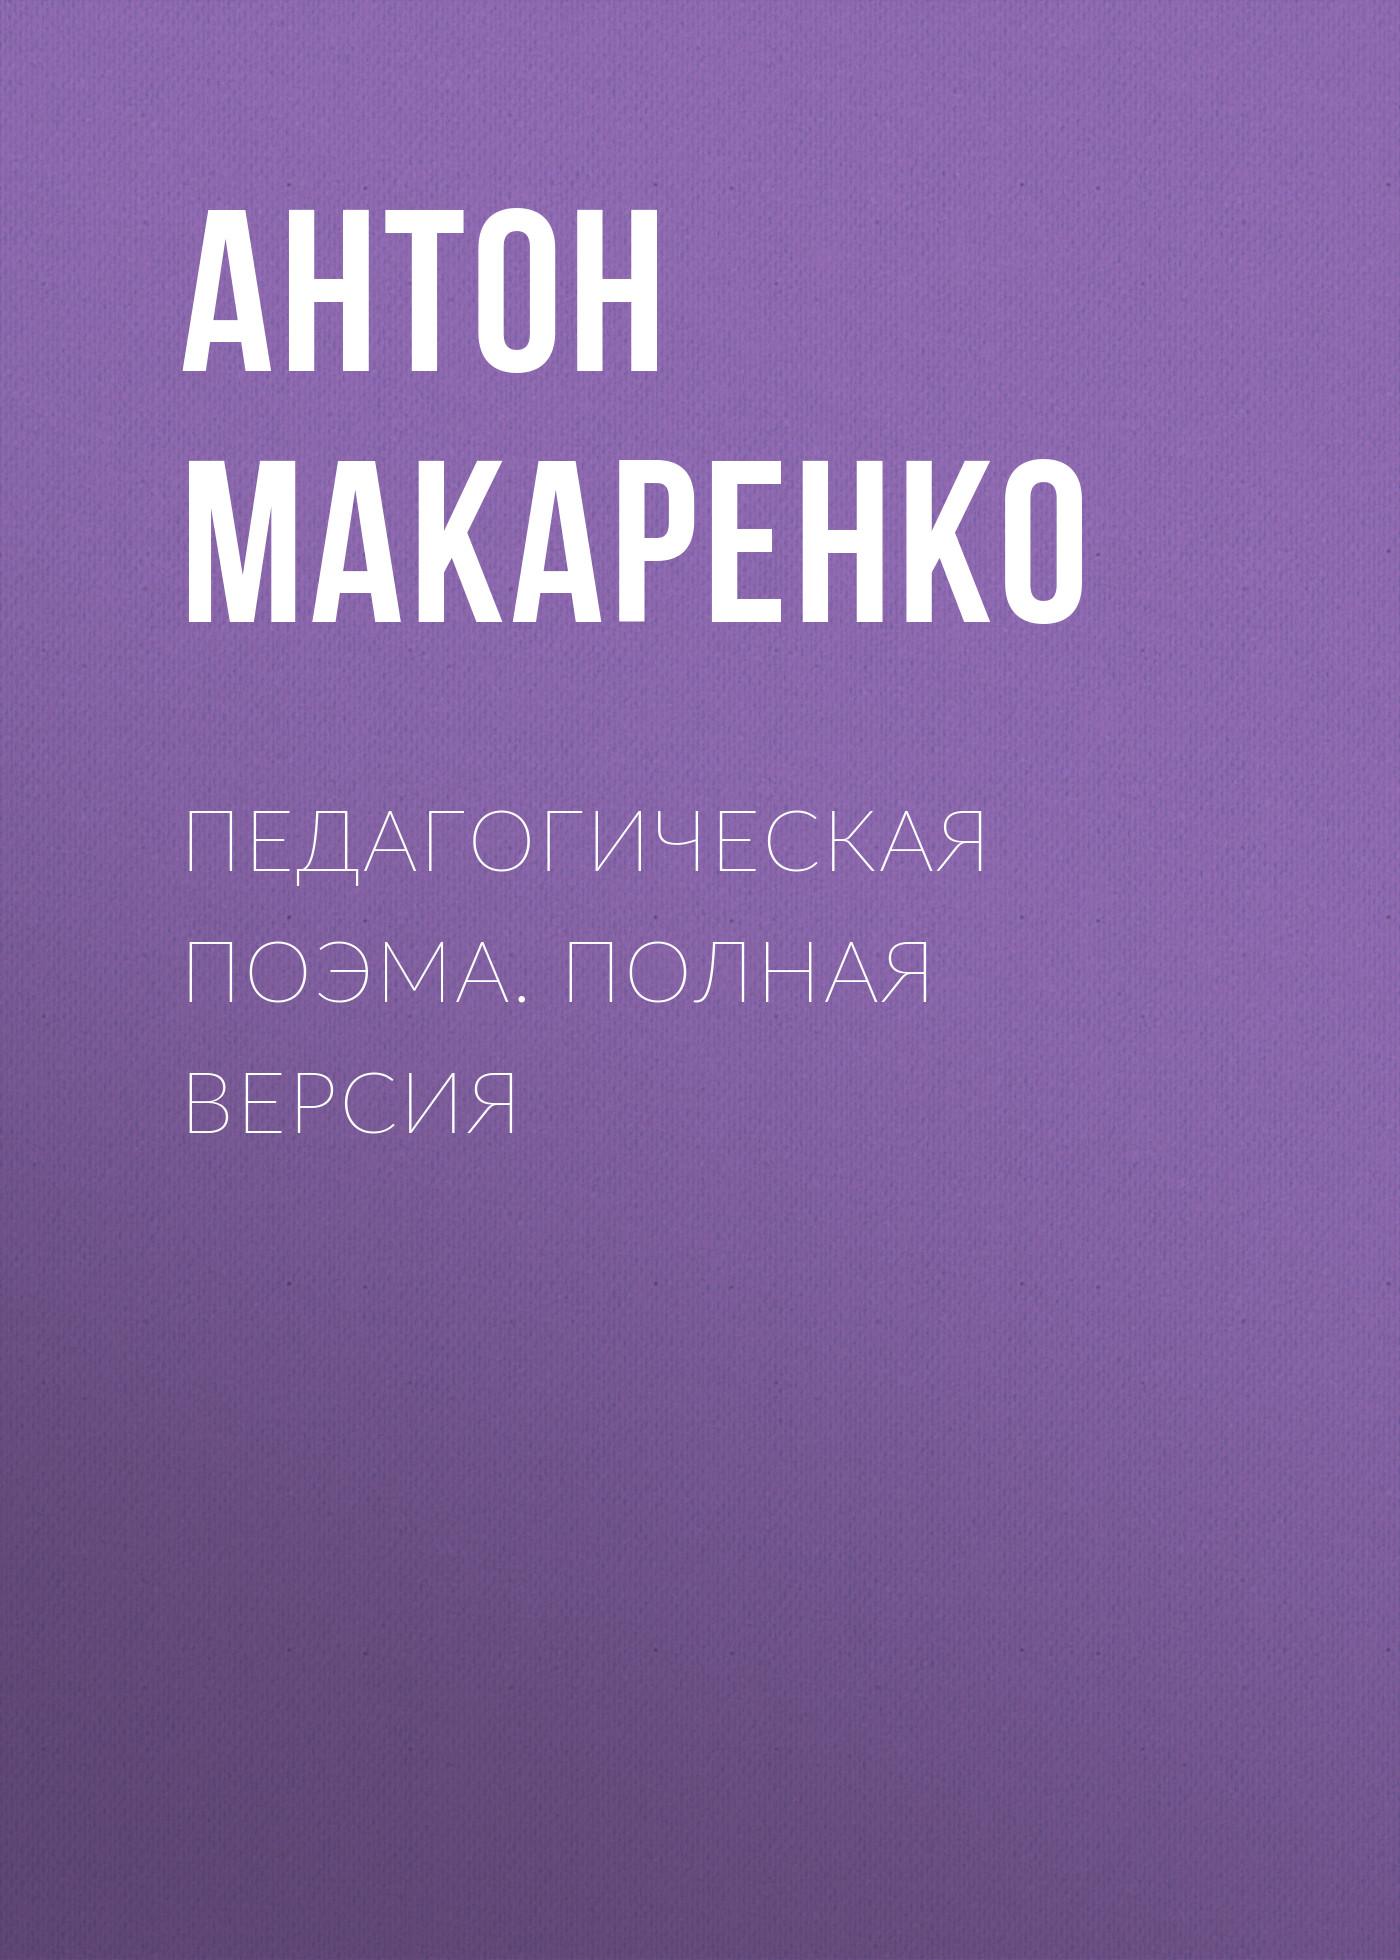 Антон Макаренко Педагогическая поэма. Полная версия цены